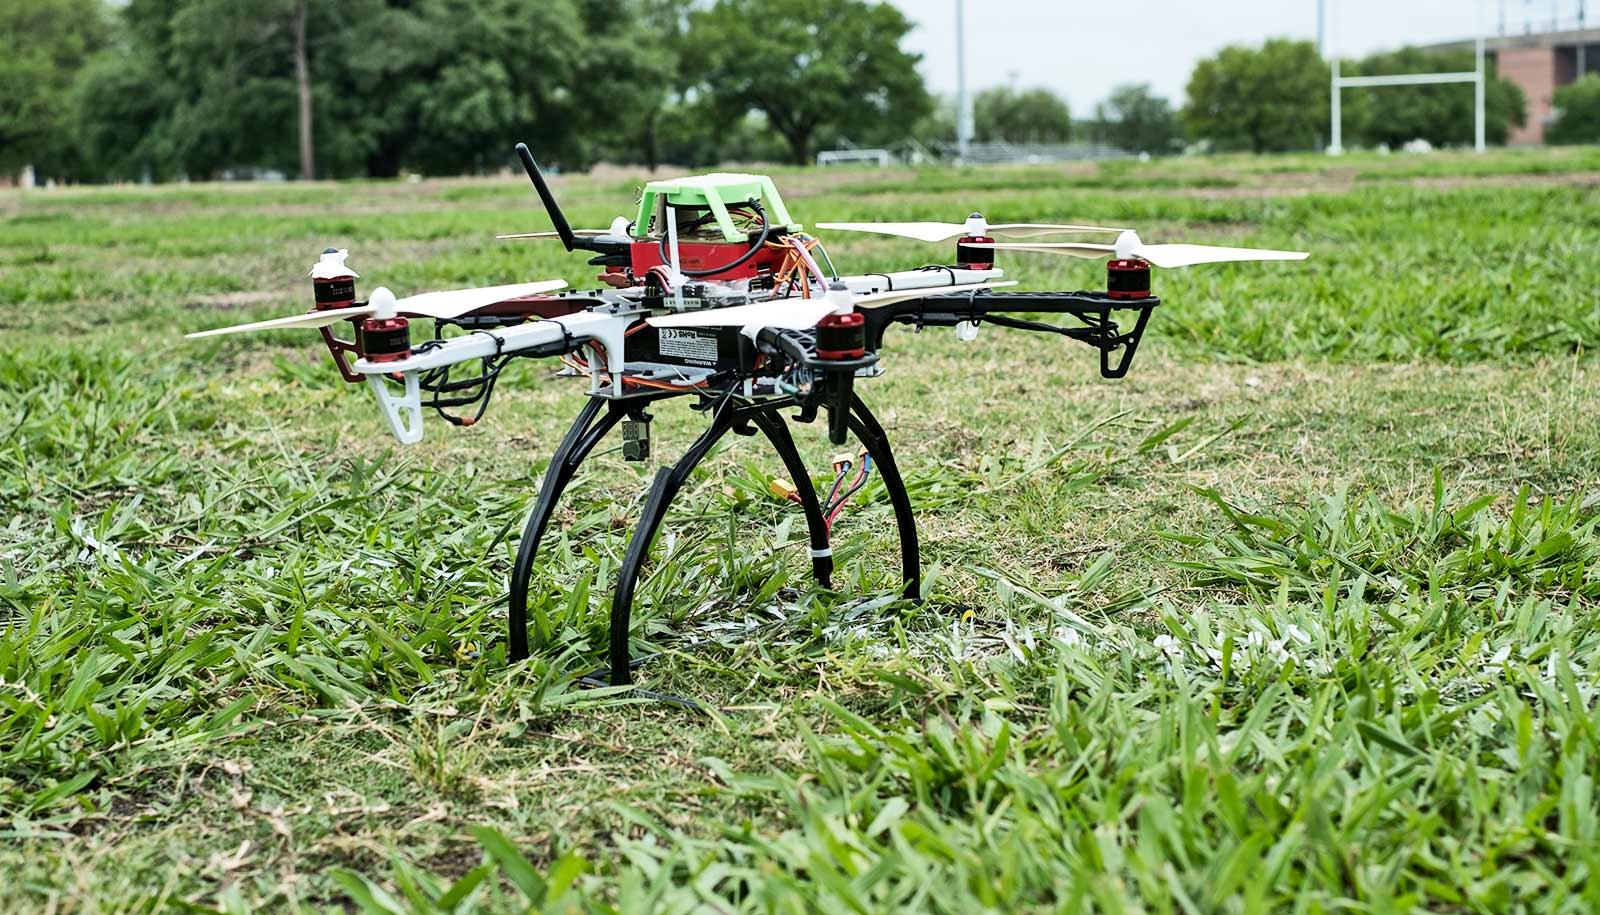 Skynet drone